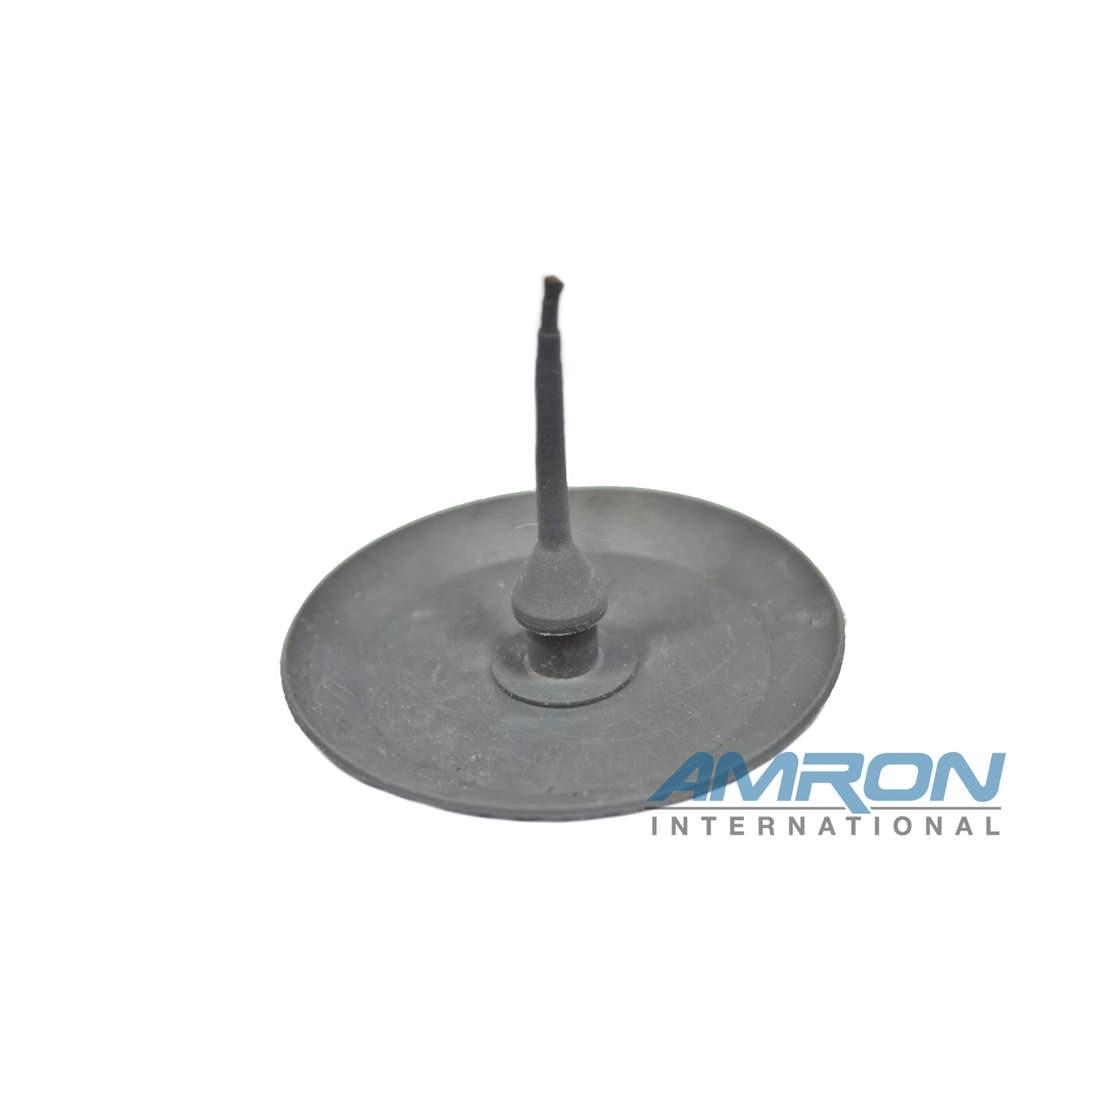 Kirby Morgan 510-550 Oral/Nasal Valve